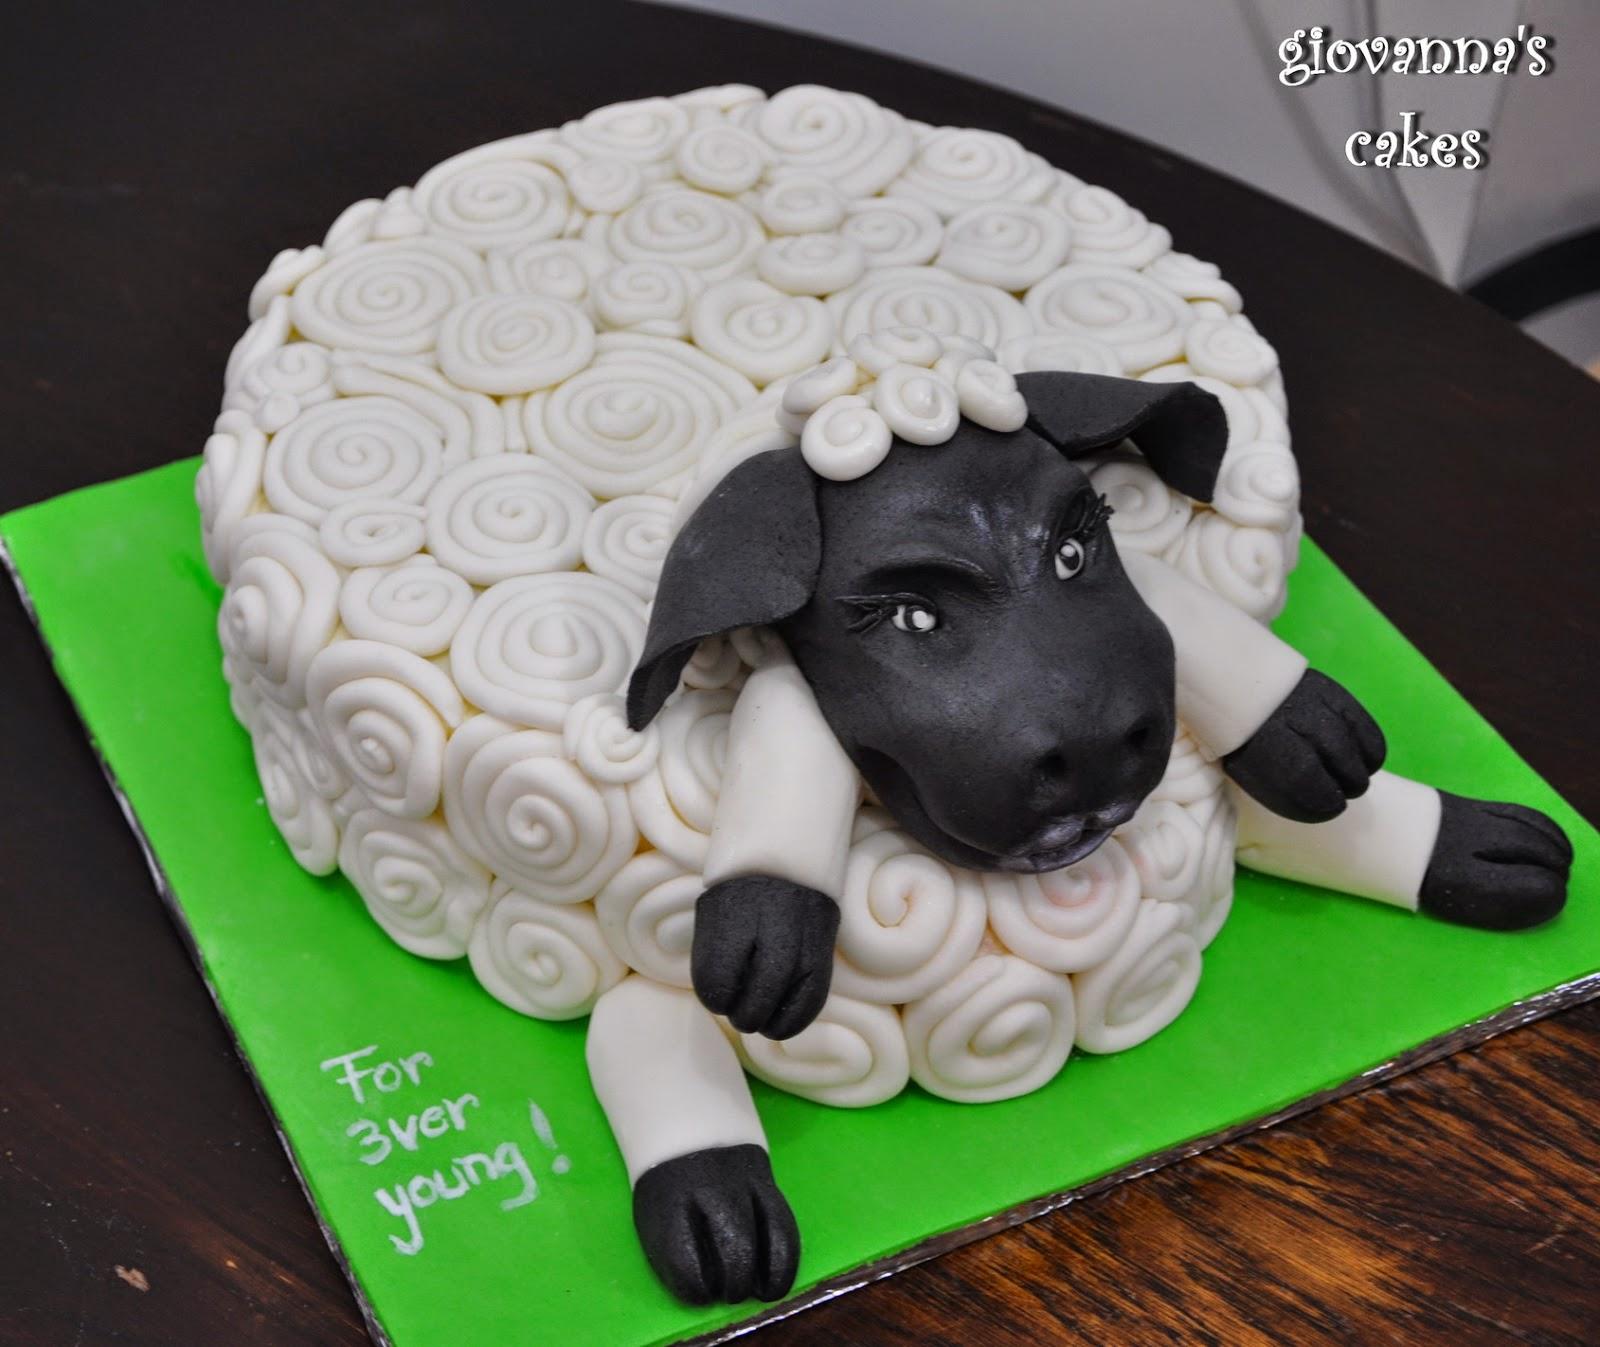 Giovannas Cakes Sheep Birthday Cake